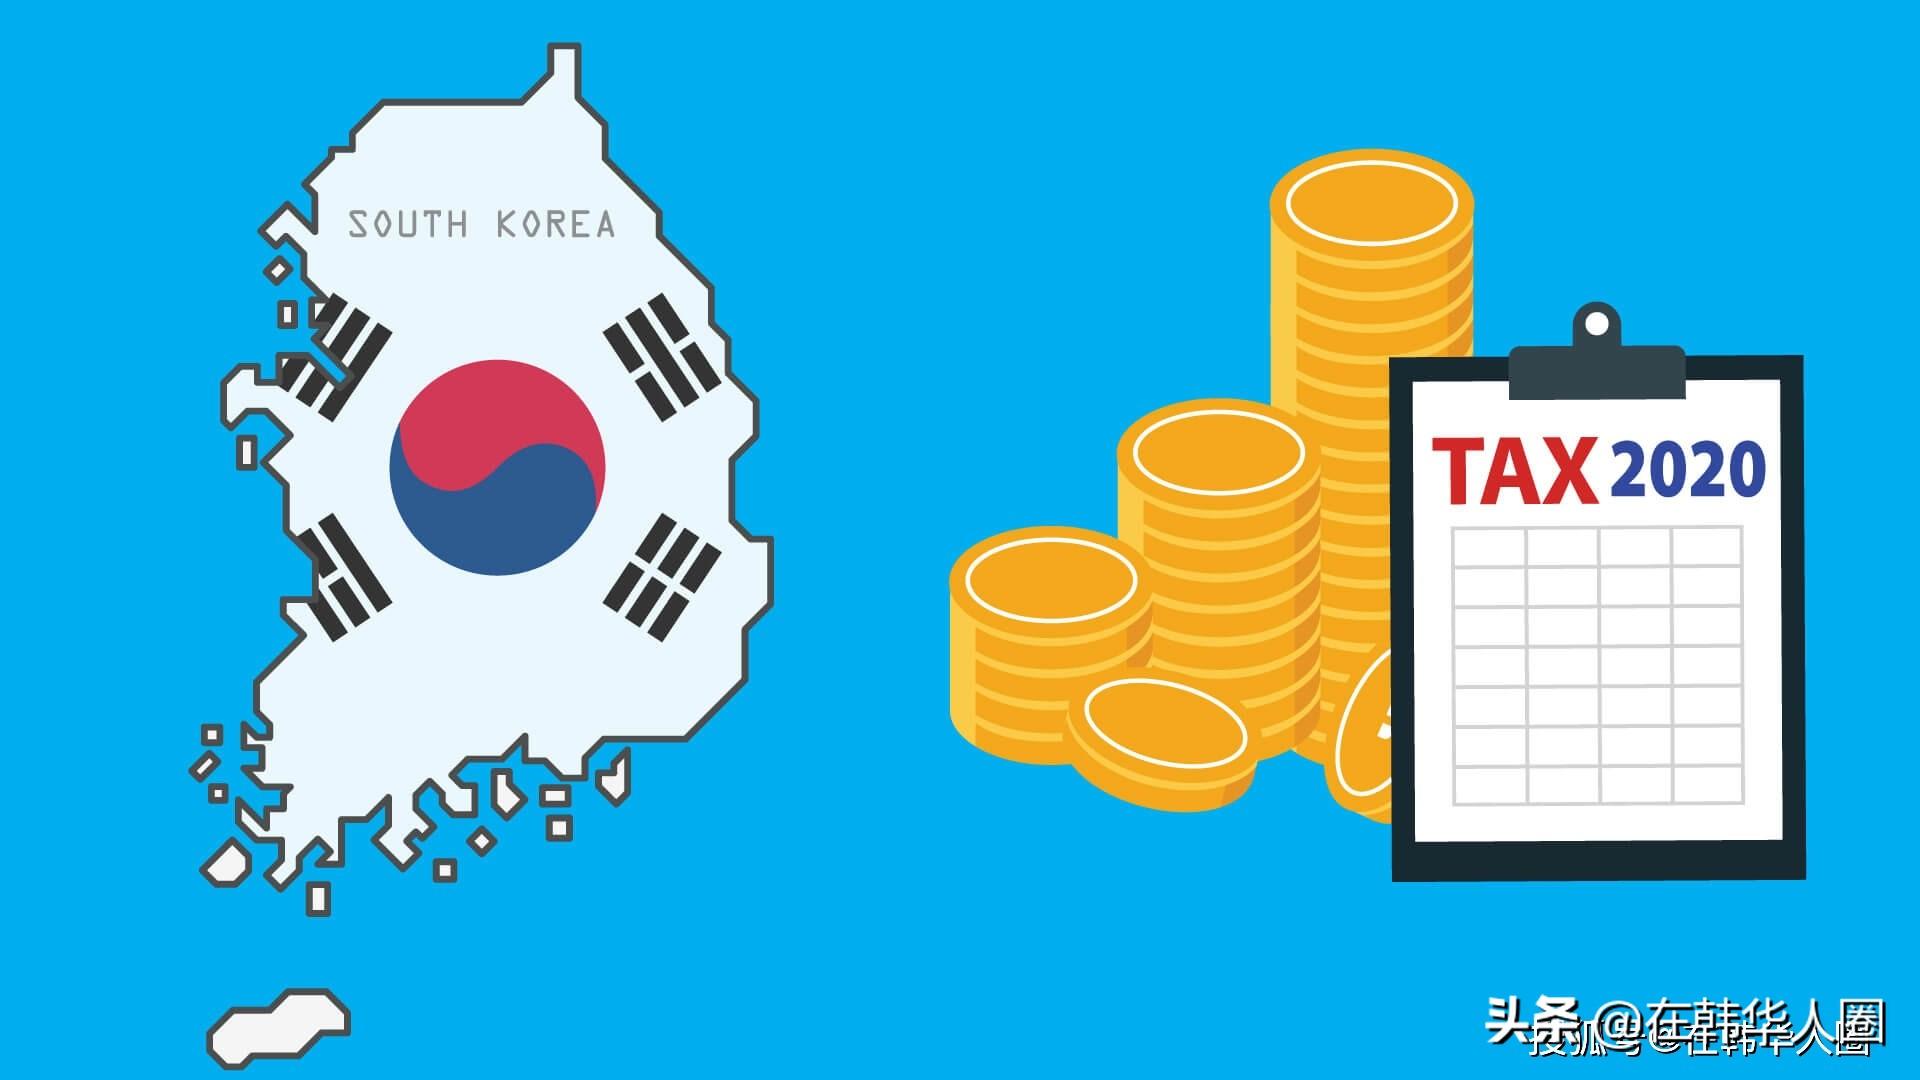 在韩国成立法人公司以后,须要缴纳的四种税金?什么是地方税?